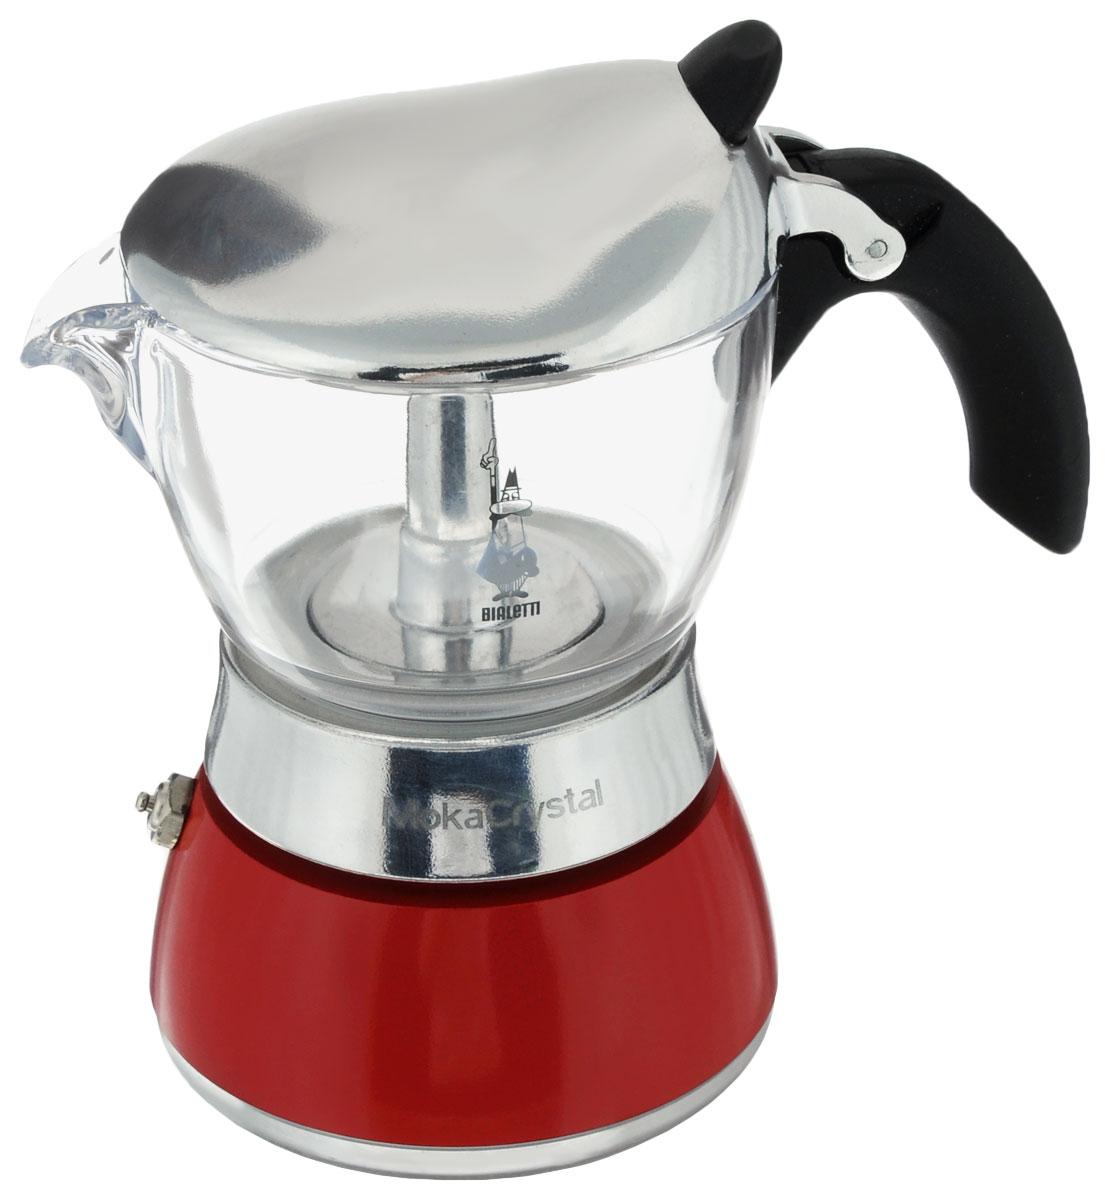 Кофеварка гейзерная Bialetti Moka Crystal, цвет: красный, прозрачный, на 3 чашки54 009312Компактная гейзерная кофеварка Bialetti Moka Crystal изготовлена из высококачественного алюминия. С помощью прозрачного стекла верхней части вам удобно будет наблюдать за процессом приготовления эспрессо. Объема кофе хватает на 3 чашки. Изделие оснащено удобной ручкой из бакелита.Принцип работы такой гейзерной кофеварки - кофе заваривается путем многократного прохождения горячей воды или пара через слой молотого кофе. Удобство кофеварки в том, что вся кофейная гуща остается во внутренней емкости. Гейзерные кофеварки пользуются большой популярностью благодаря изысканному аромату. Кофе получается крепкий и насыщенный. Теперь и дома вы сможете насладиться великолепным эспрессо. Подходит для газовых, электрических и стеклокерамических плит. Нельзя мыть в посудомоечной машине. Высота (с учетом крышки): 15,5 см.